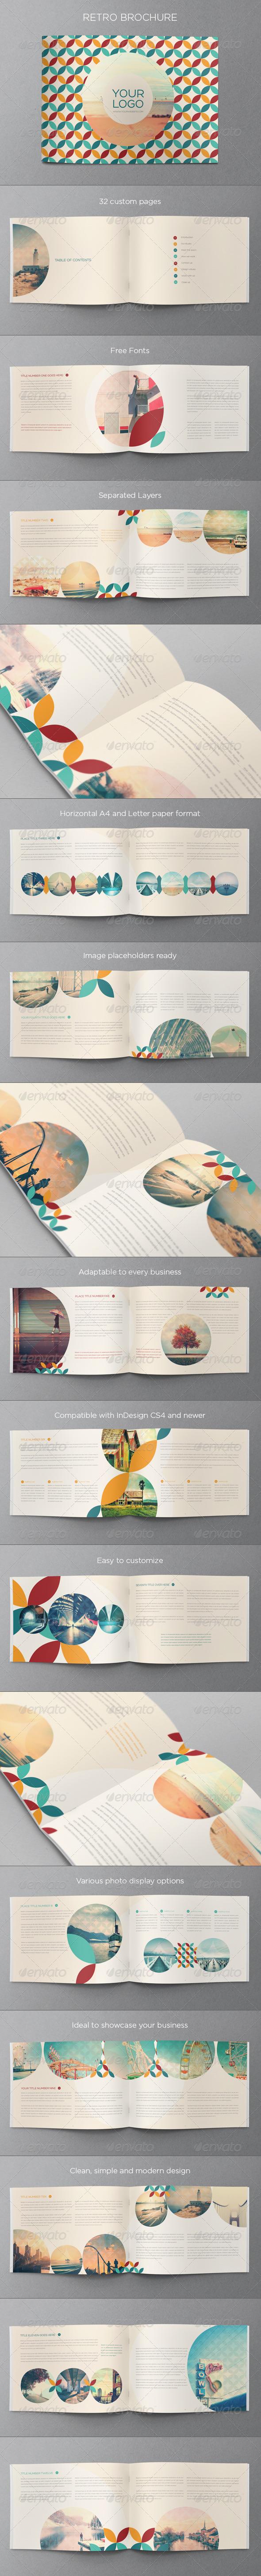 GraphicRiver Retro Brochure 6726811